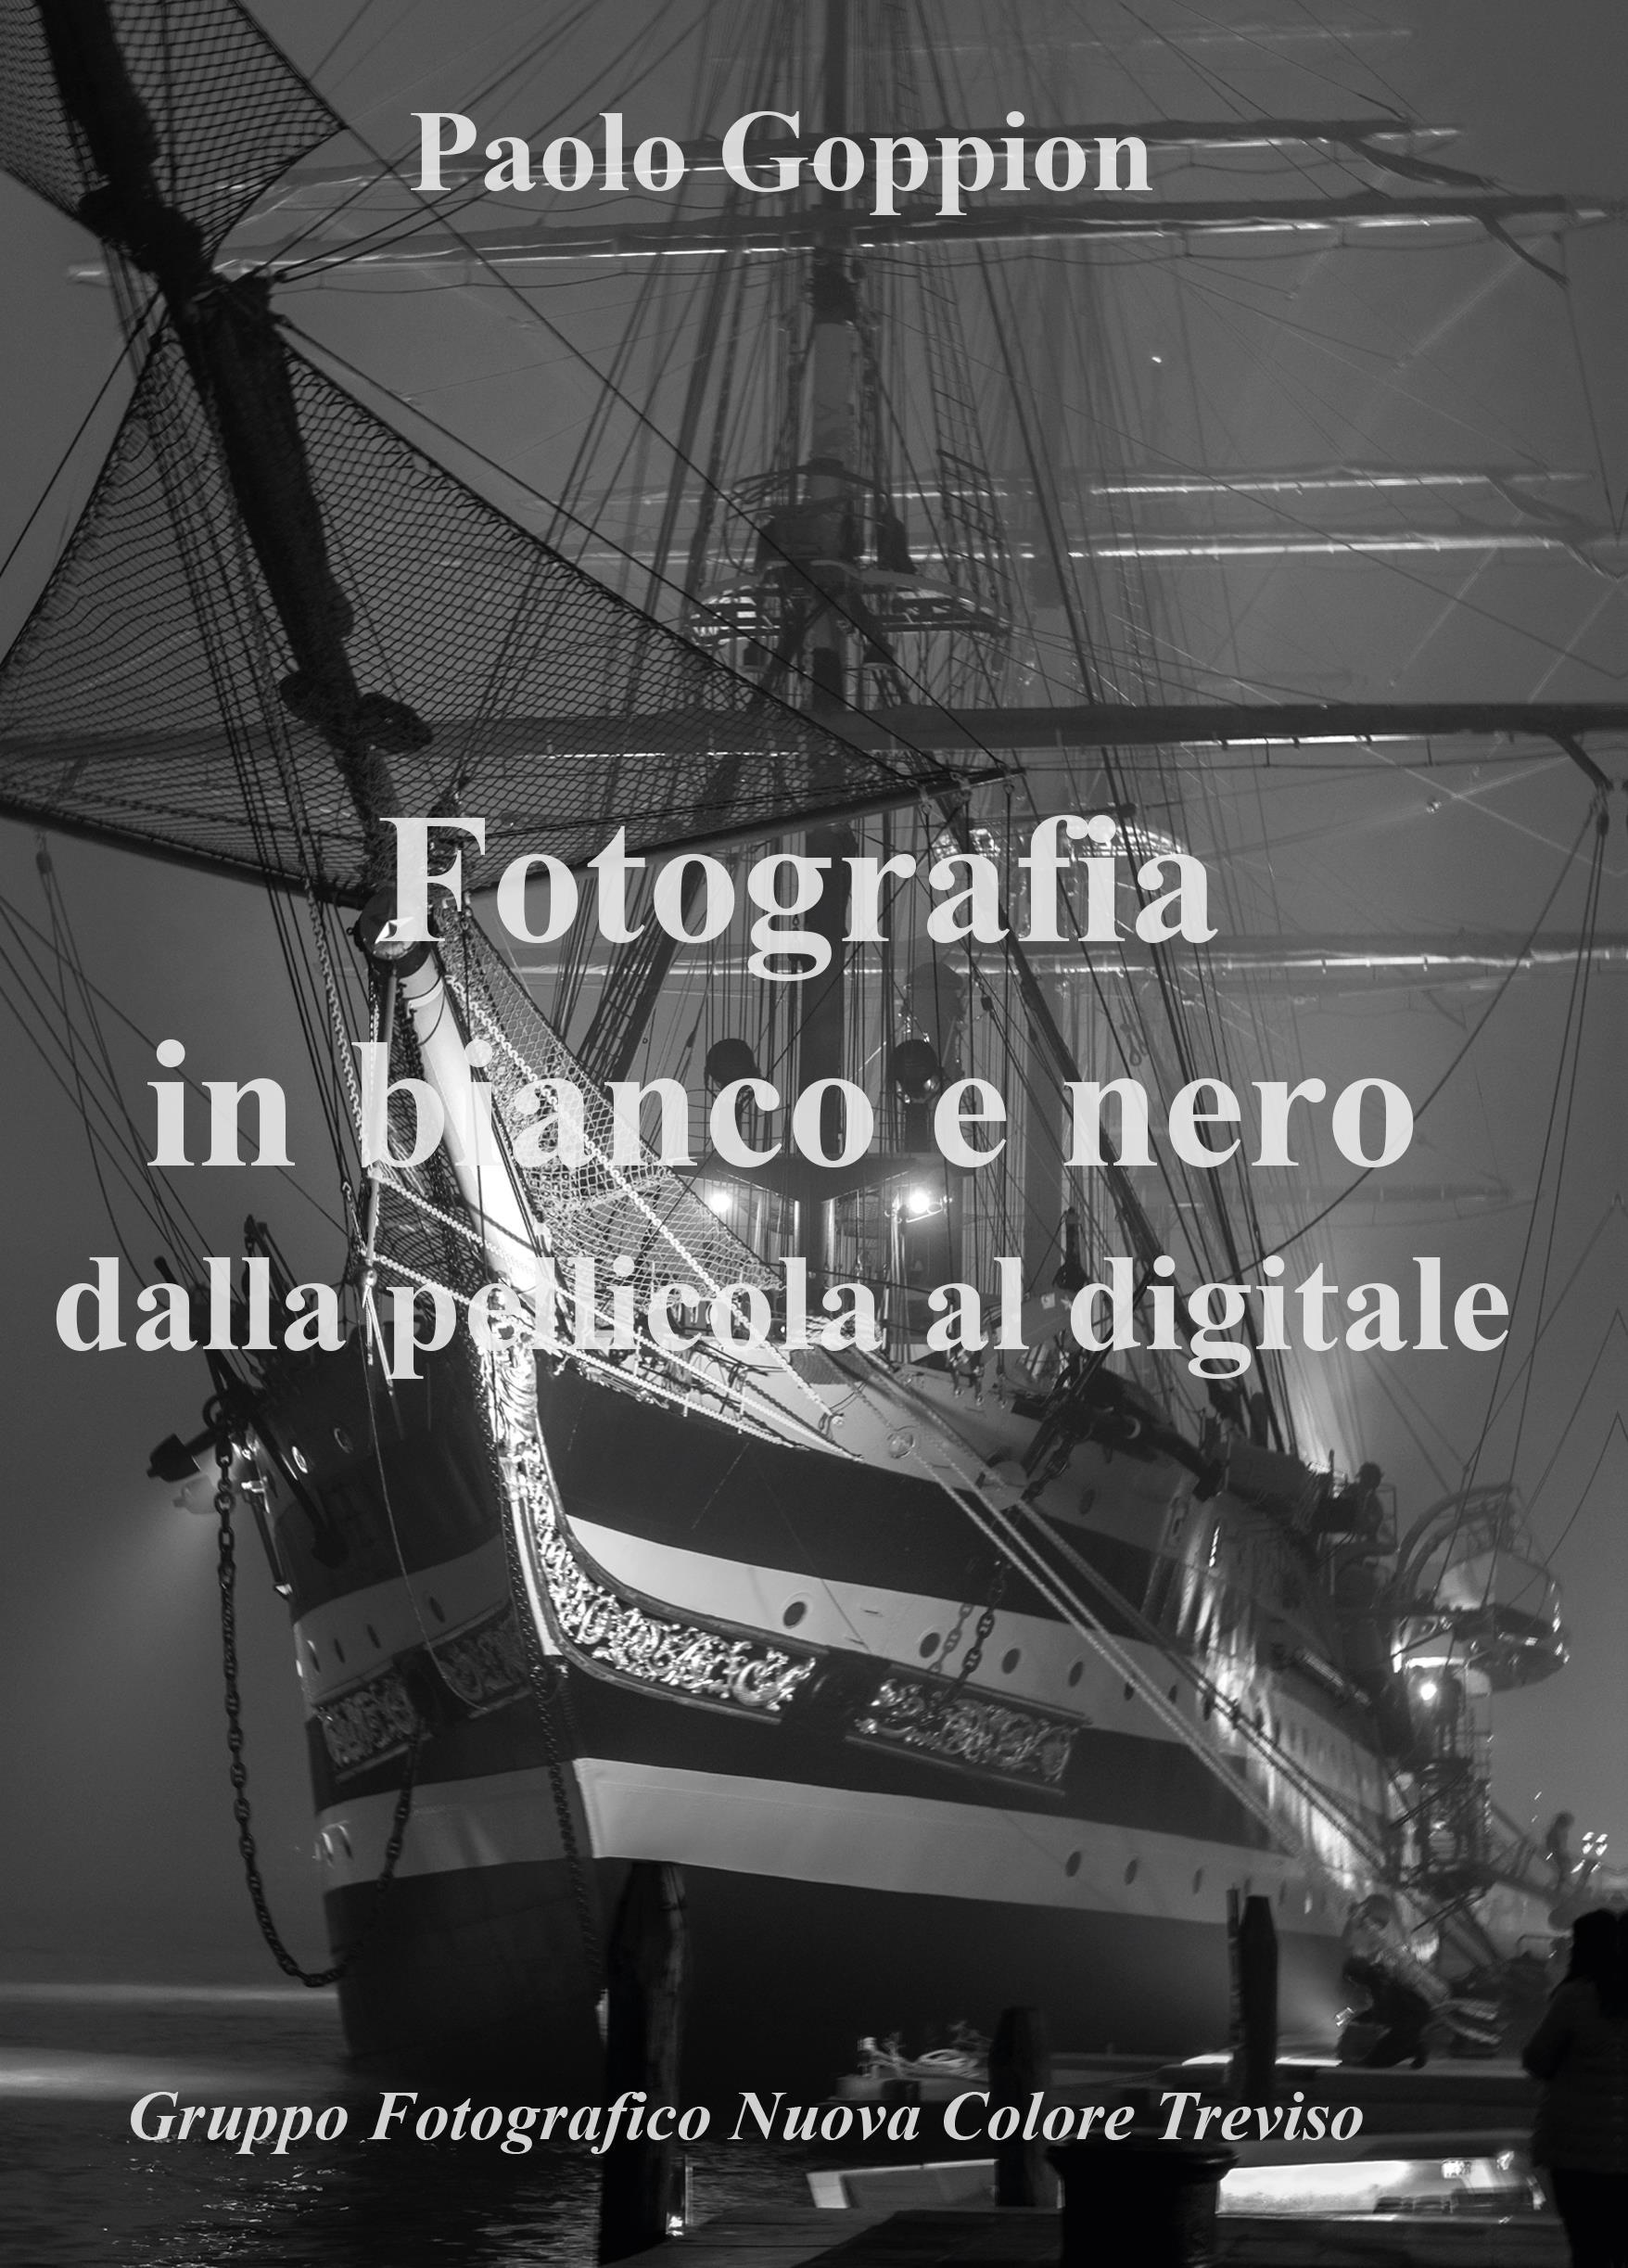 Fotografia in bianco e nero dalla pellicola al digitale